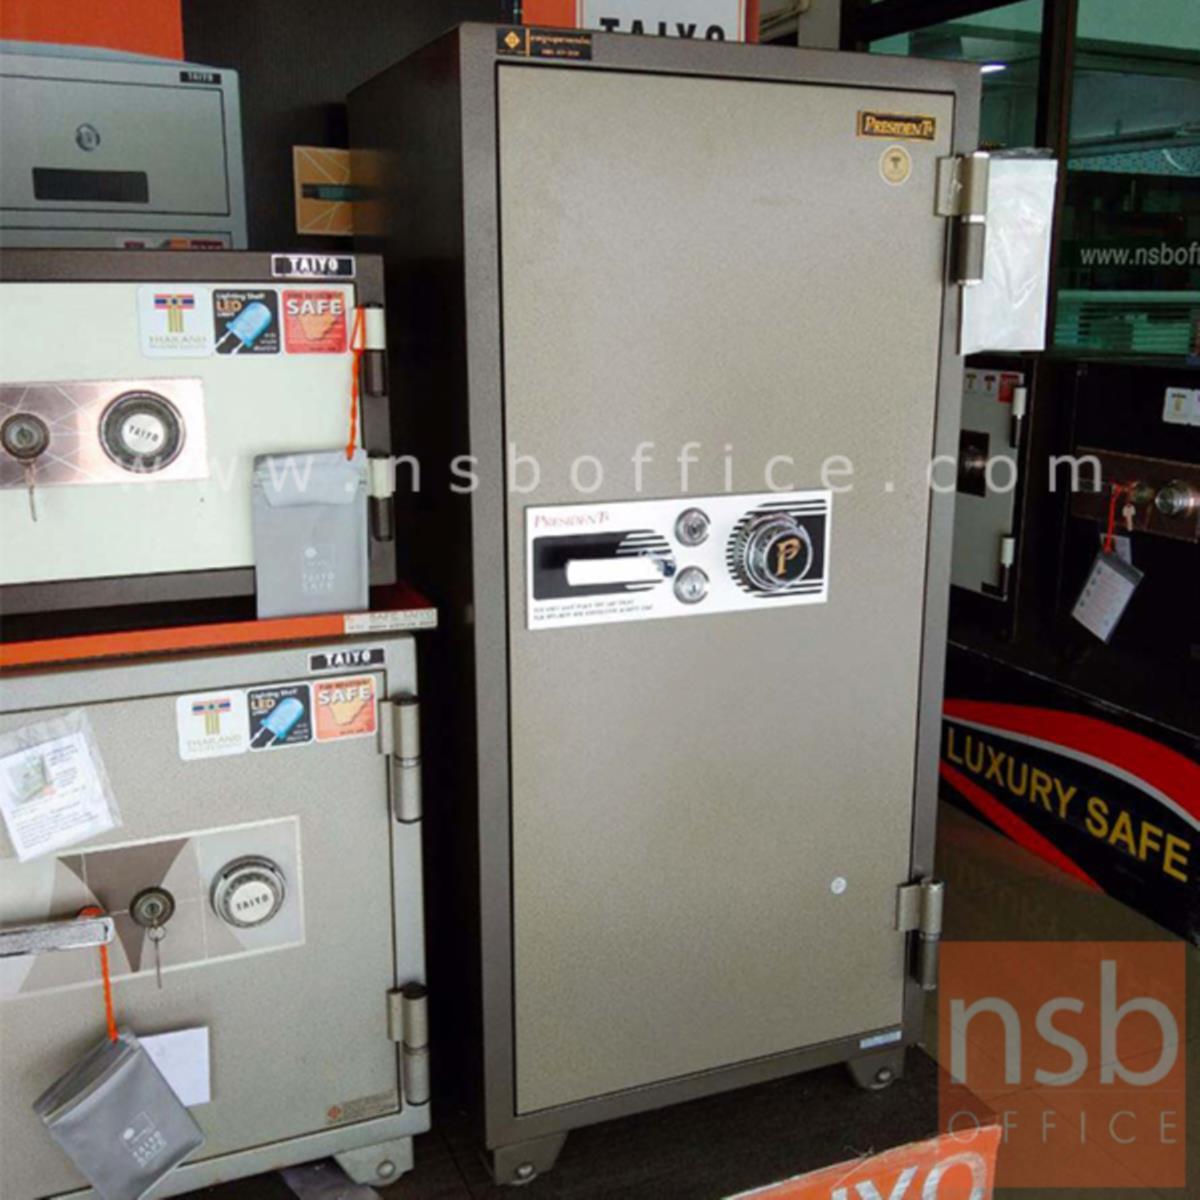 ตู้เซฟนิรภัยชนิดหมุน 250 กก.   รุ่น PRESIDENT-SB50 มี 2 กุญแจ 1 รหัส (รหัสใช้หมุนหน้าตู้)